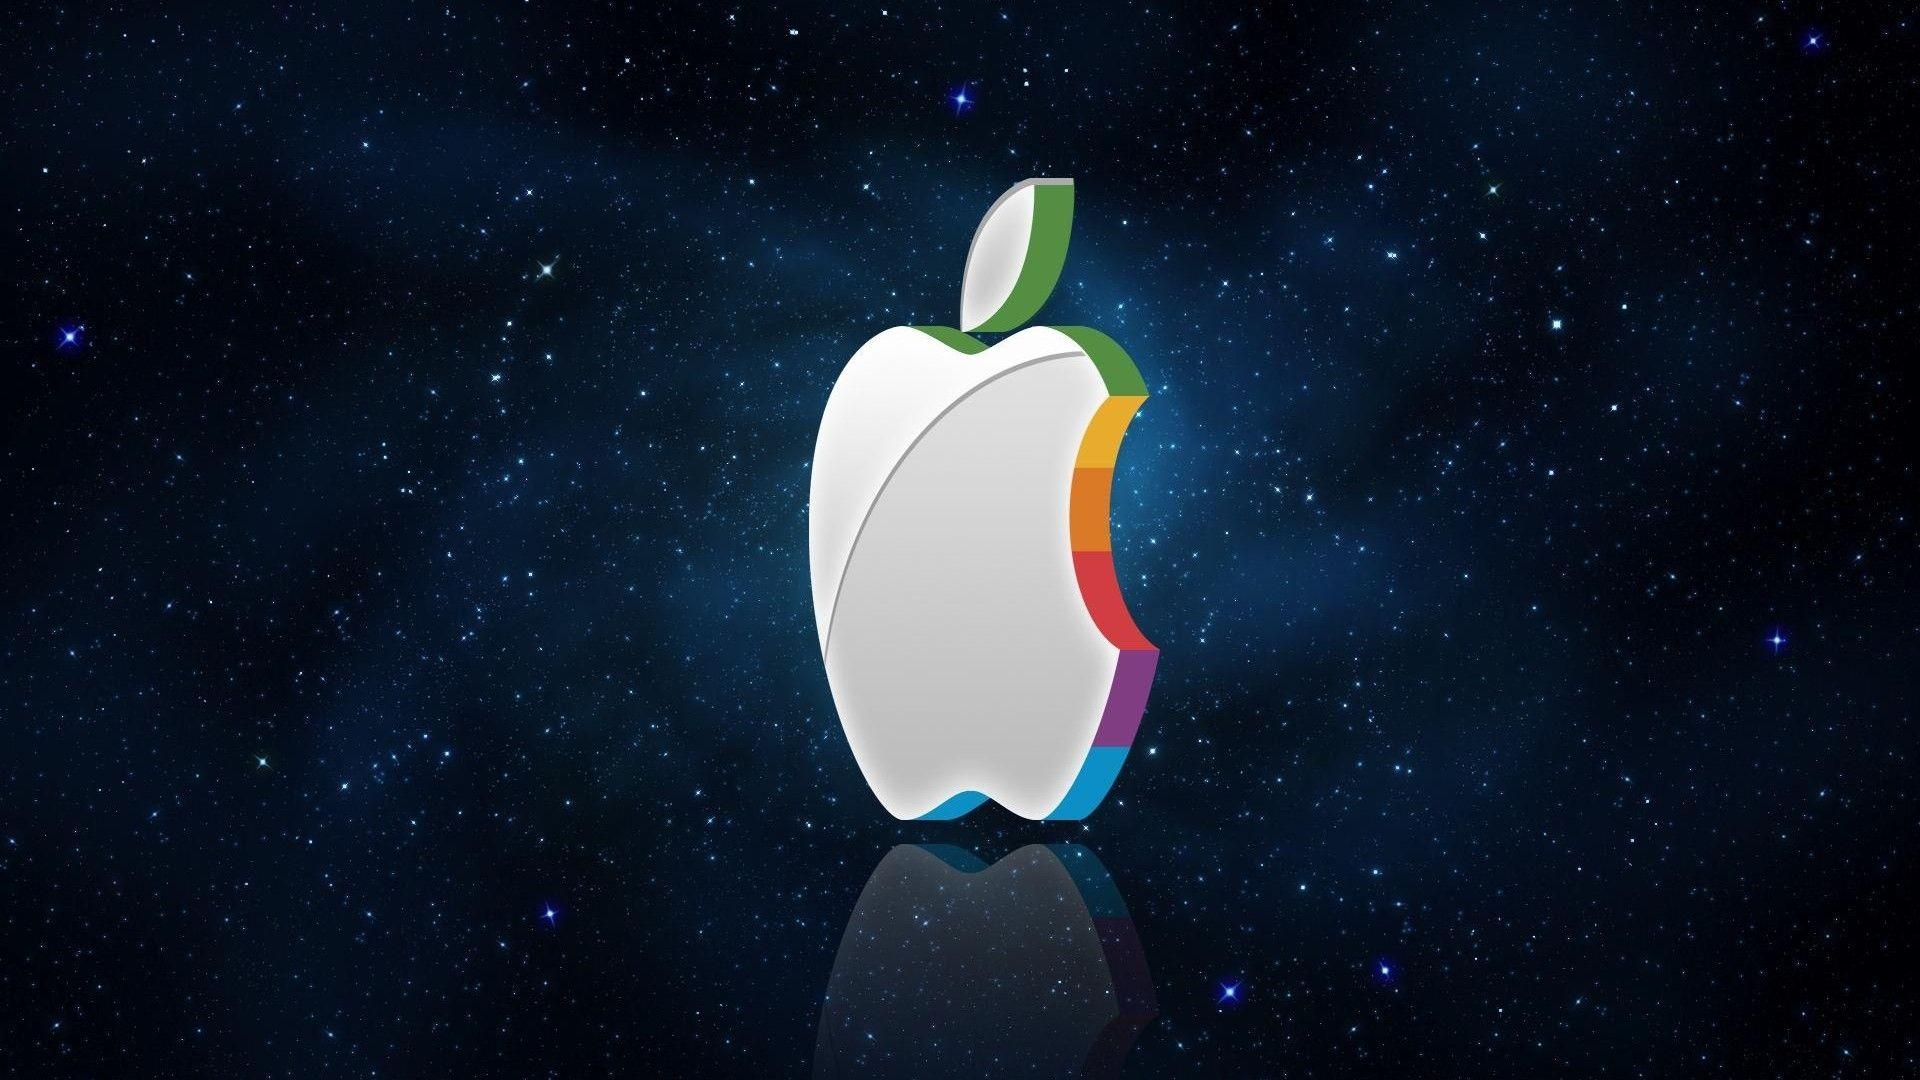 Apple Desktop Wallpapers   Top Apple Desktop Backgrounds 1920x1080